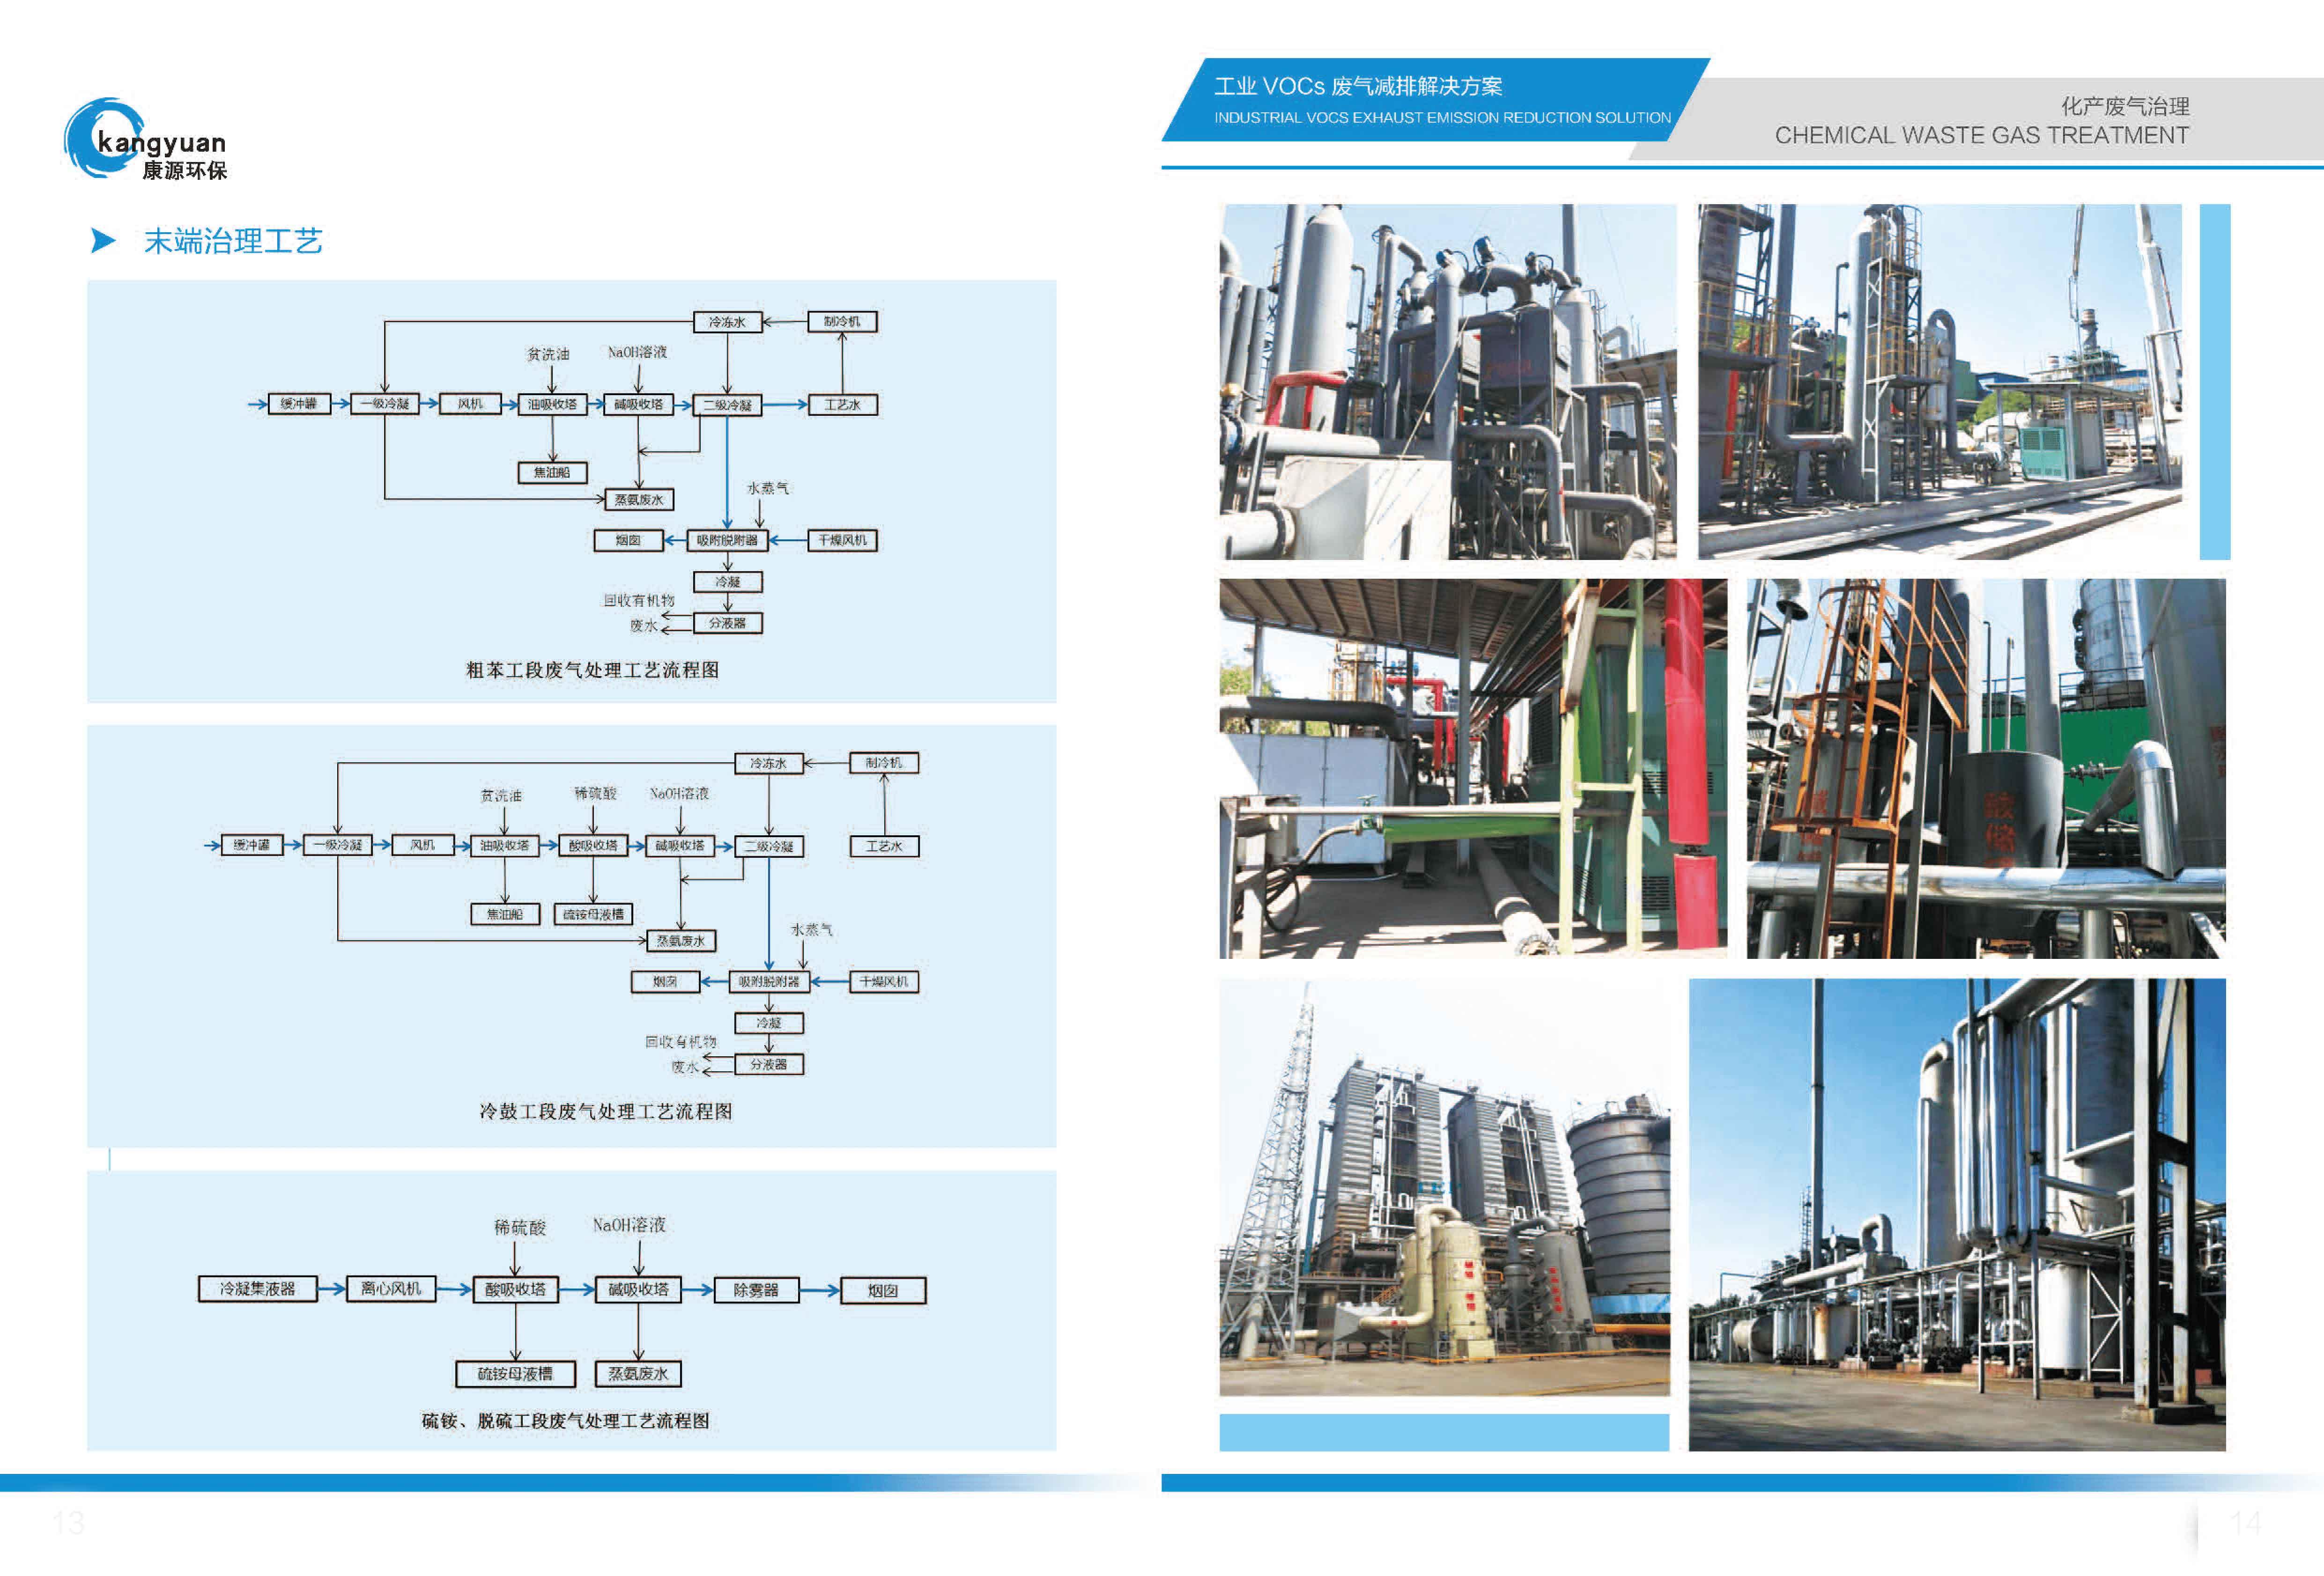 焦化化产VOCs处理